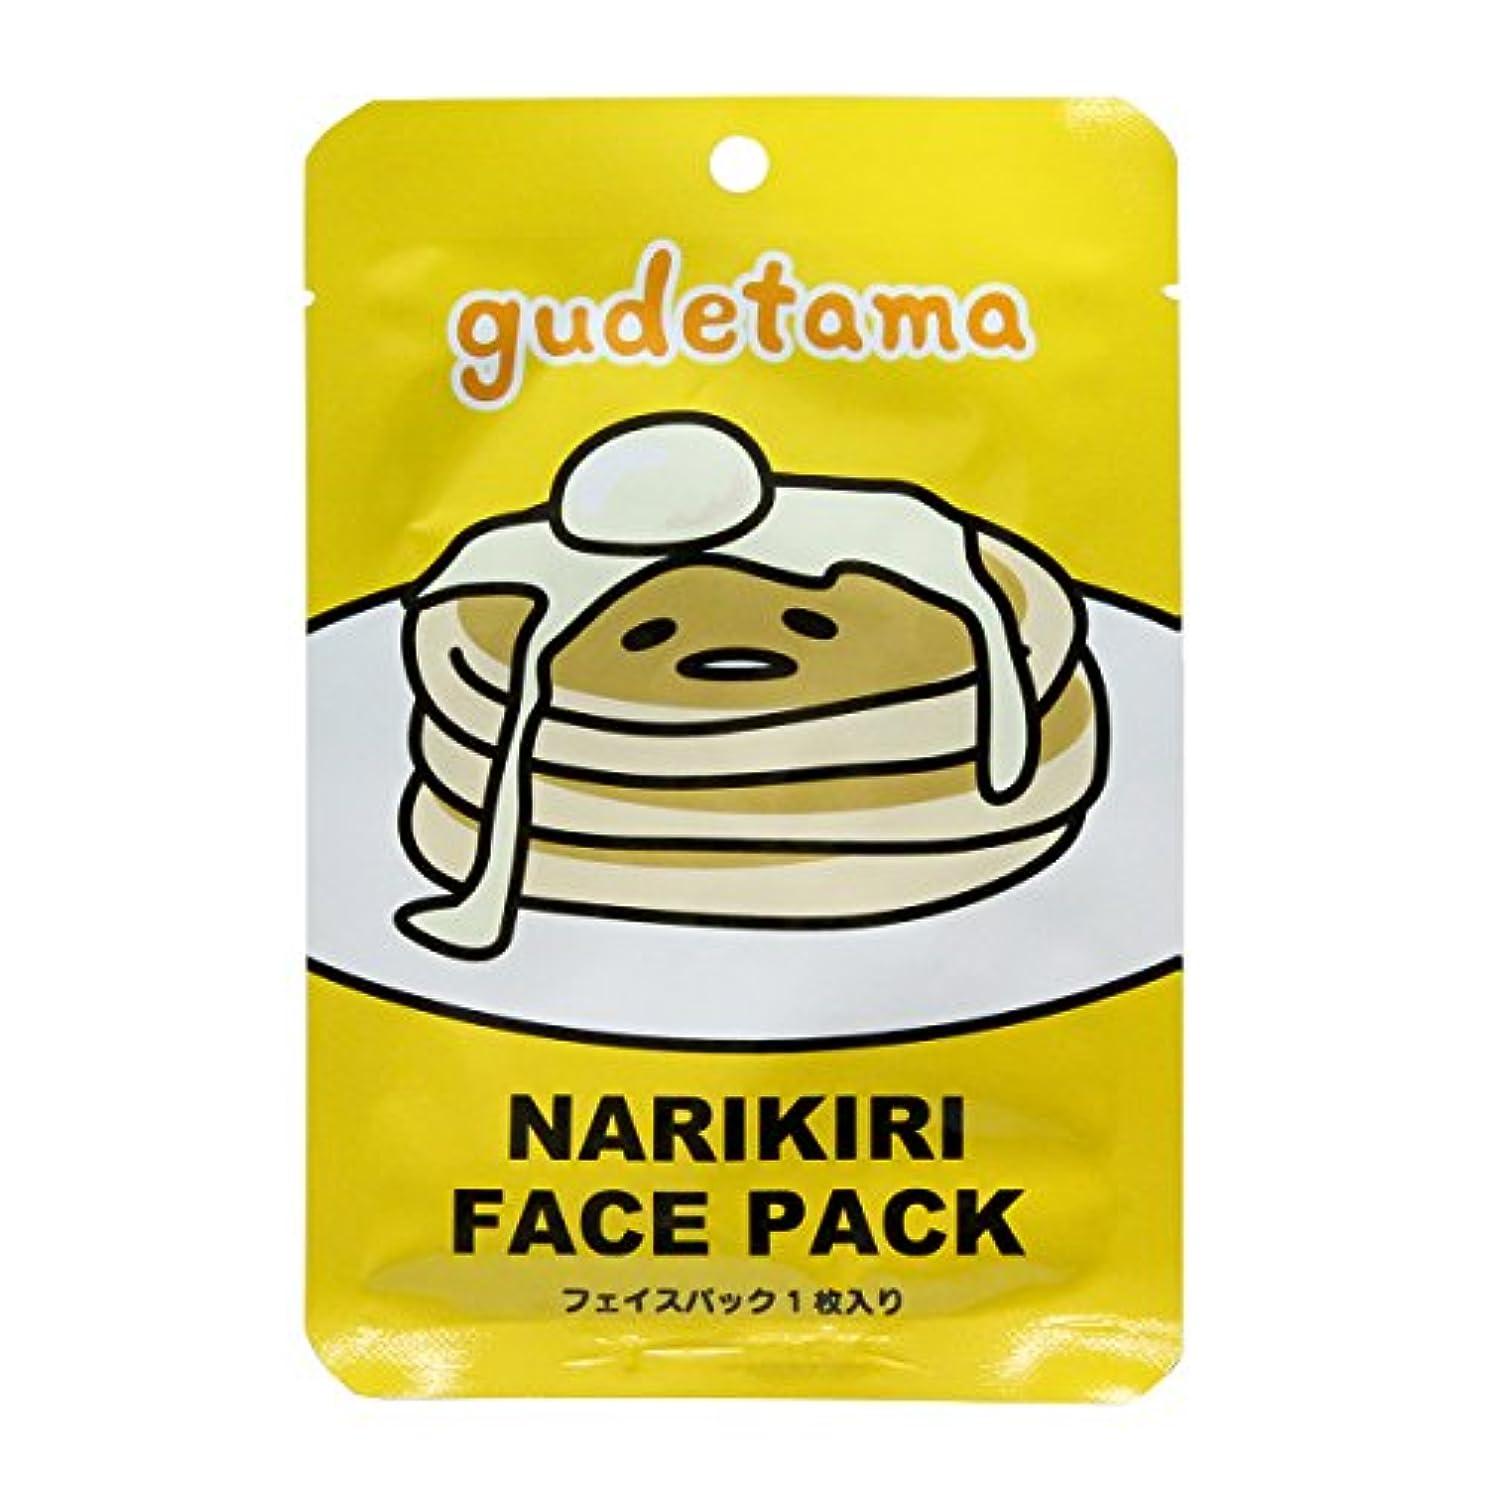 管理しますキャラバンあごひげぐでたま なりきりフェイスパック パンケーキ バニラの香り (20mL × 1枚入)